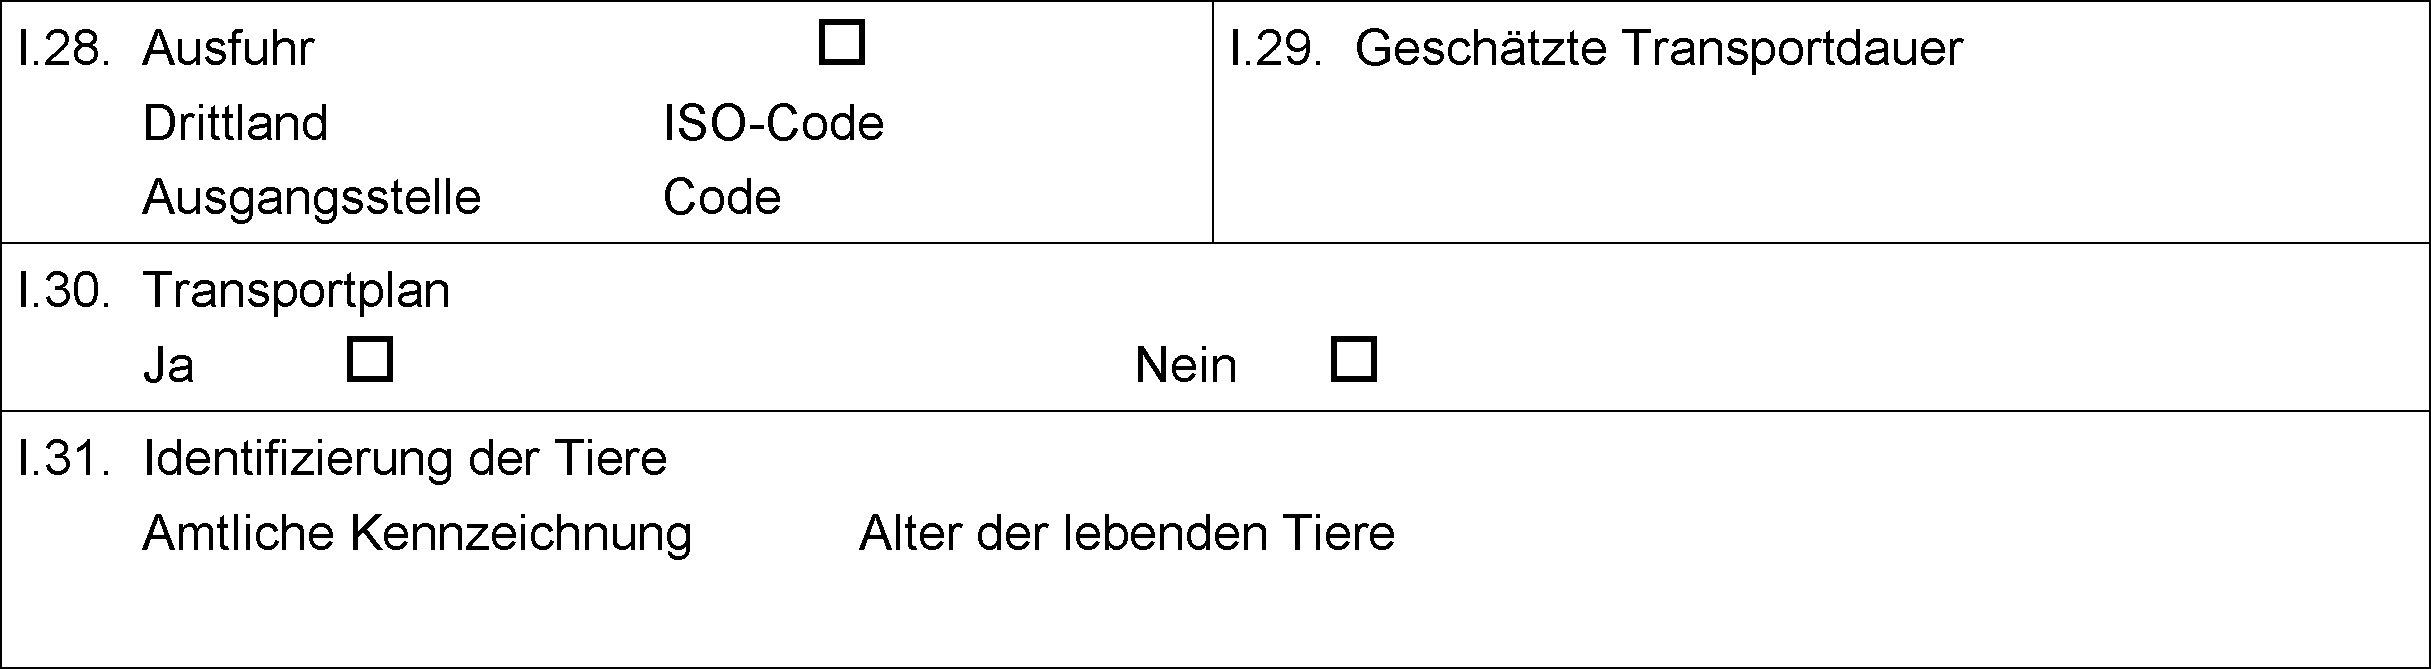 Niedlich Transportplan Vorlage Zeitgenössisch - Beispiel Business ...